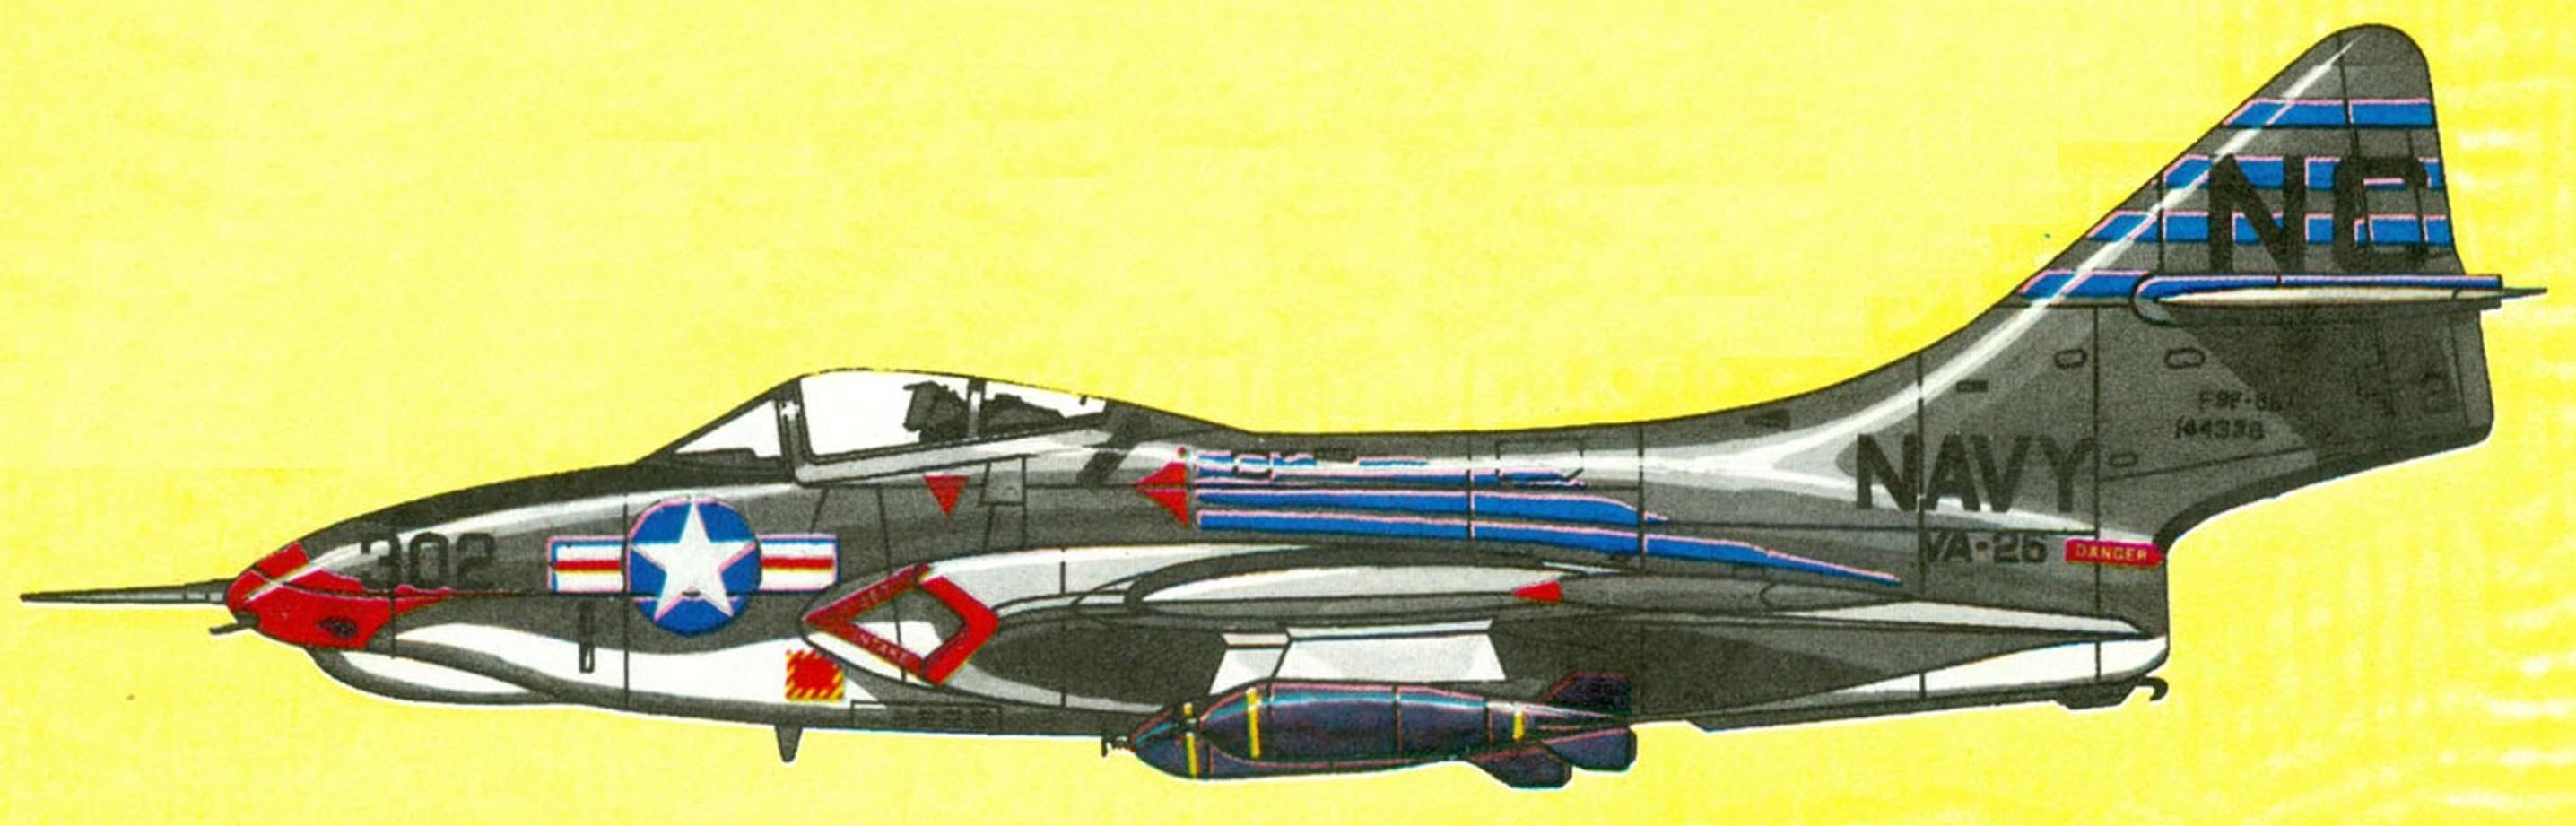 Самолет AF-9J эскадрильи VA-26 авианосец Kearsarge, 1957 г